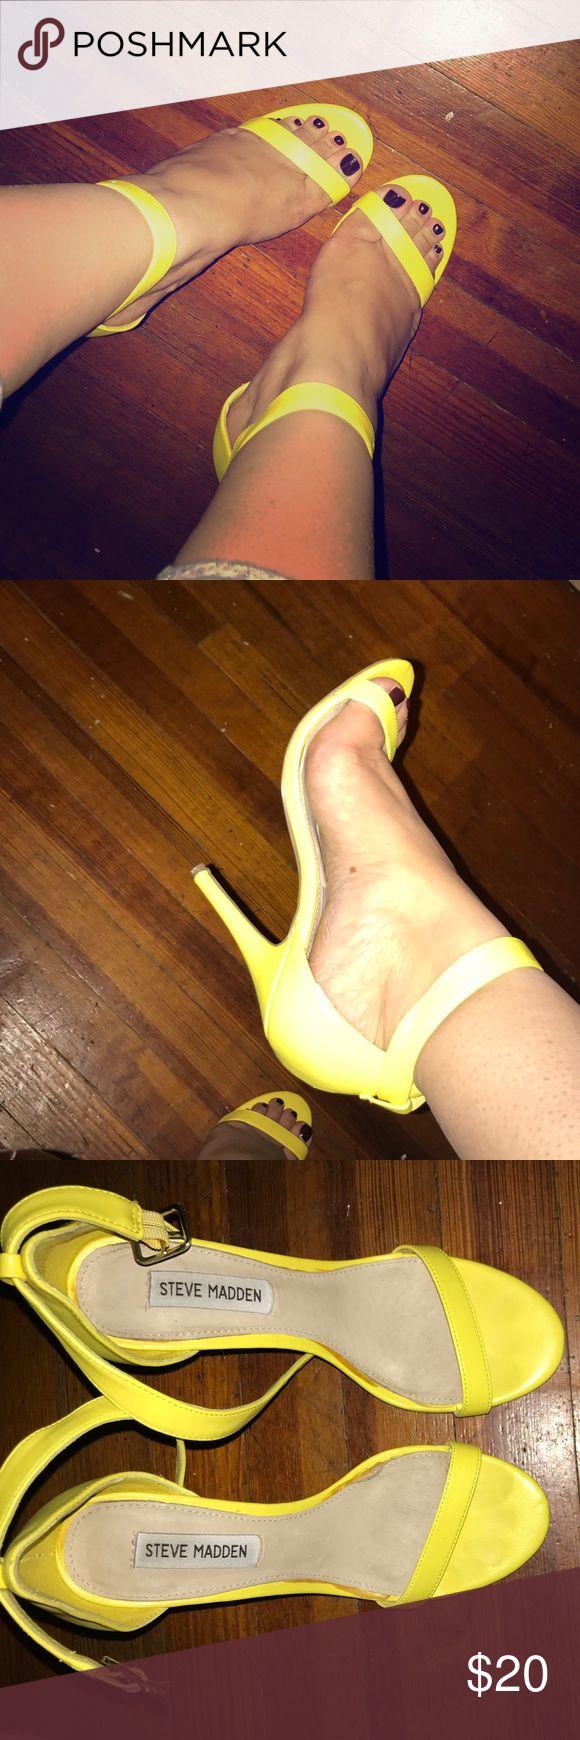 Steve Madden Yellow Heels Realove yellow heels Shoes Heels